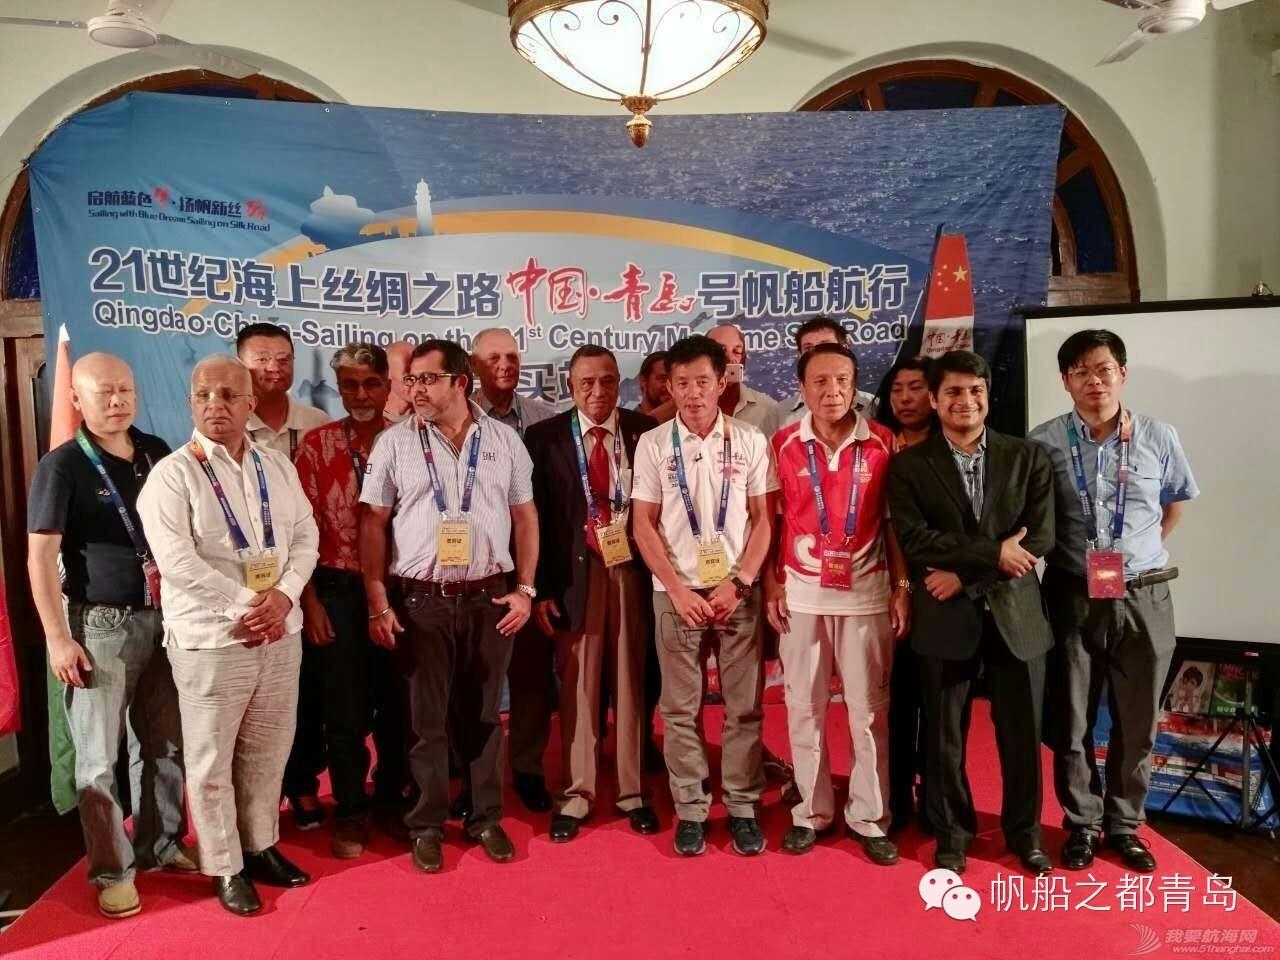 """21世纪海上丝绸之路龙象携手合作启新篇:你好,印度!丨""""中国·青岛""""号停靠印度孟买 ff5cf5df14ab6e2ed8cfad2b56cc9de7.jpg"""